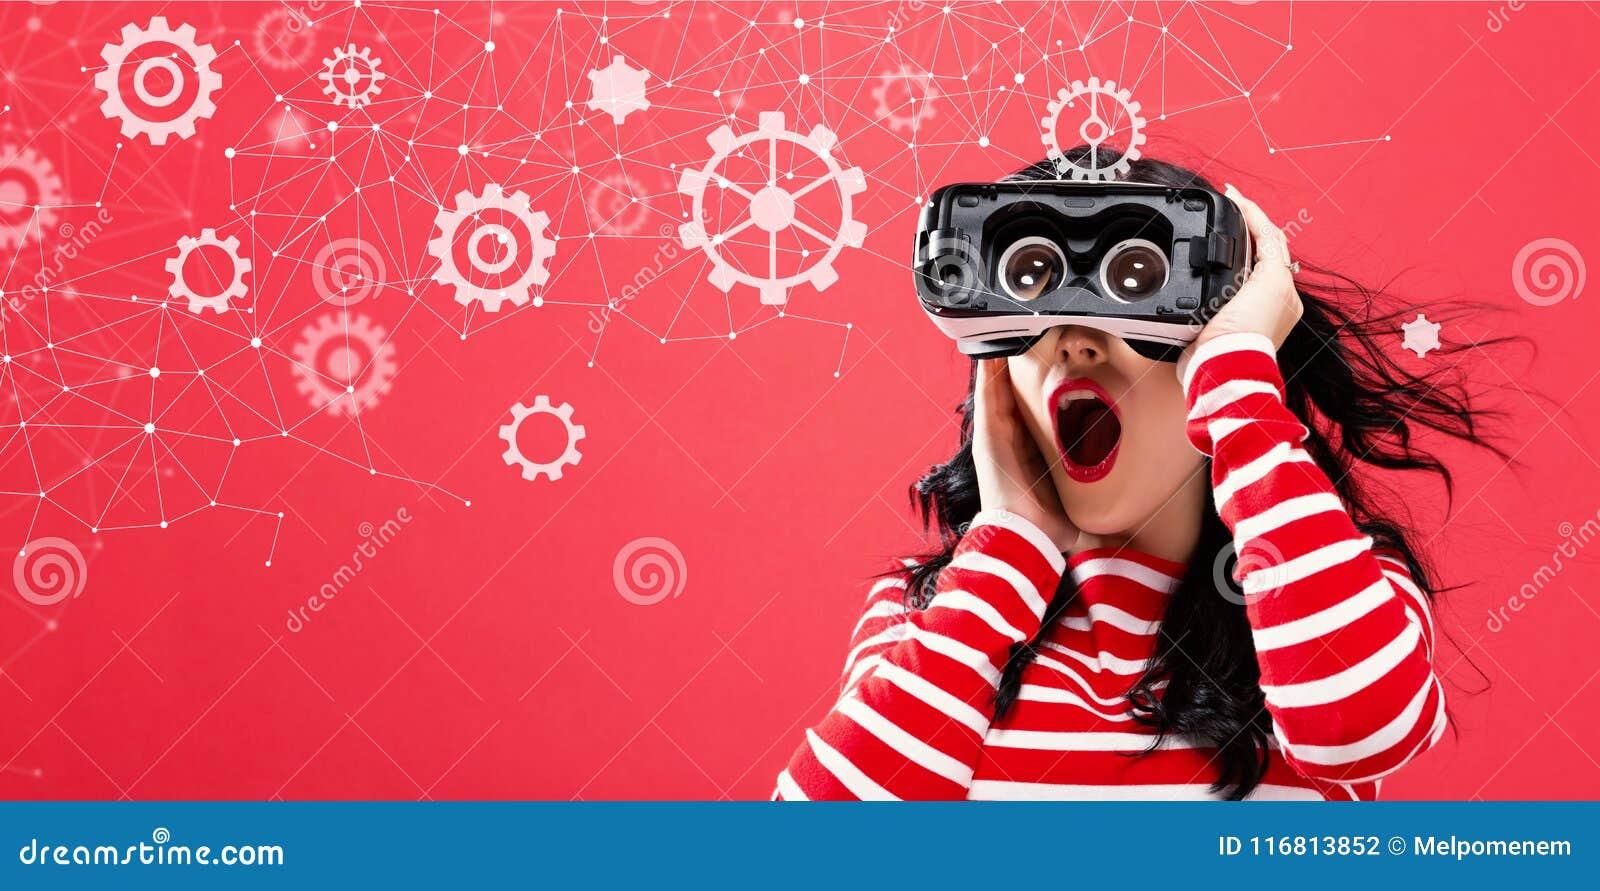 Ingranaggi con la donna che per mezzo di una cuffia avricolare di realtà virtuale